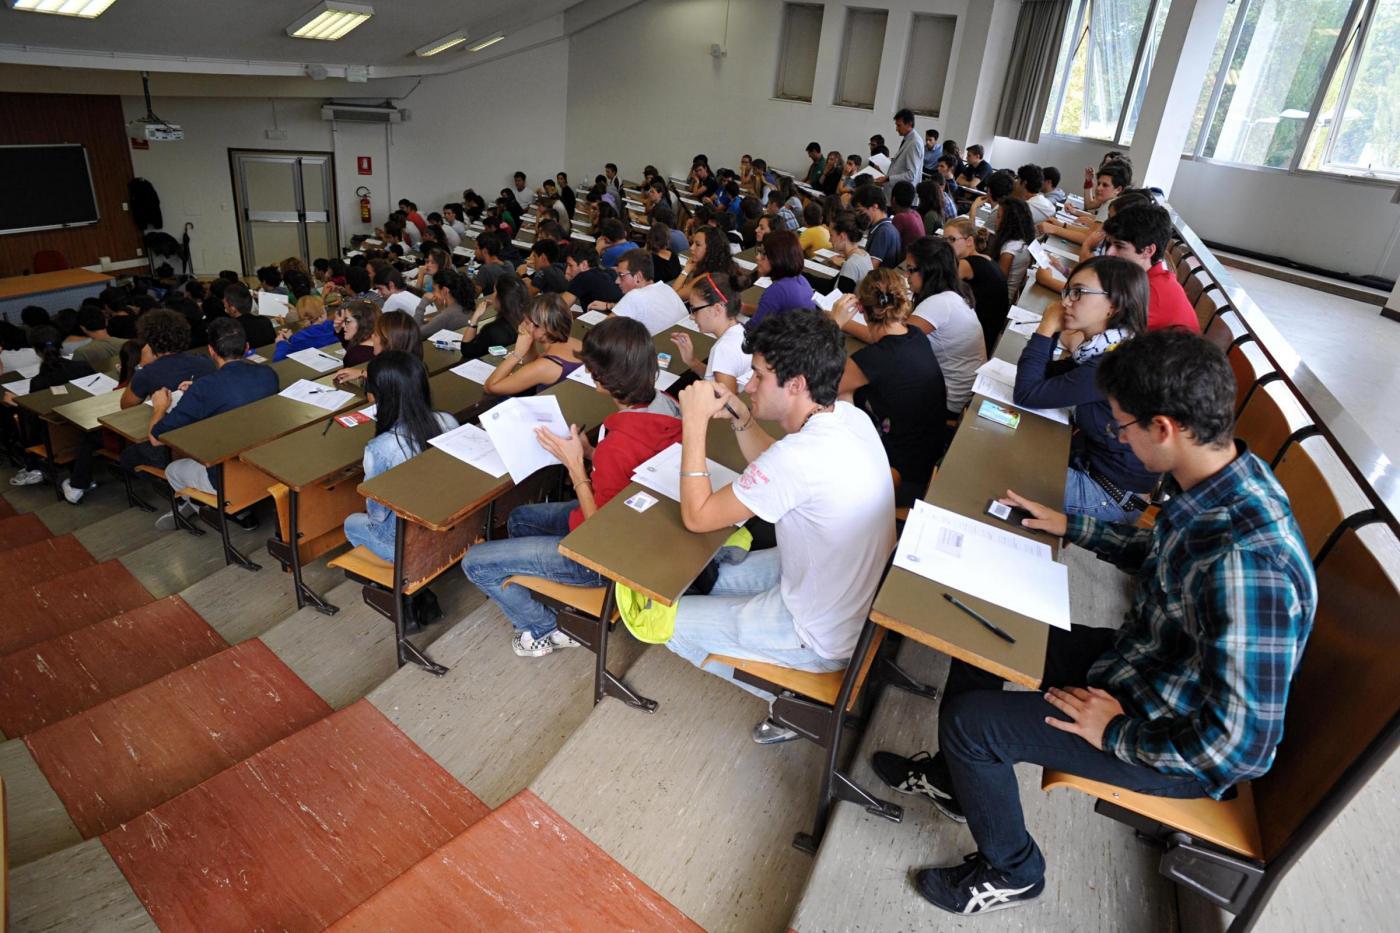 Esame di ammissione alla facoltà di medicina all'università statale di Milano